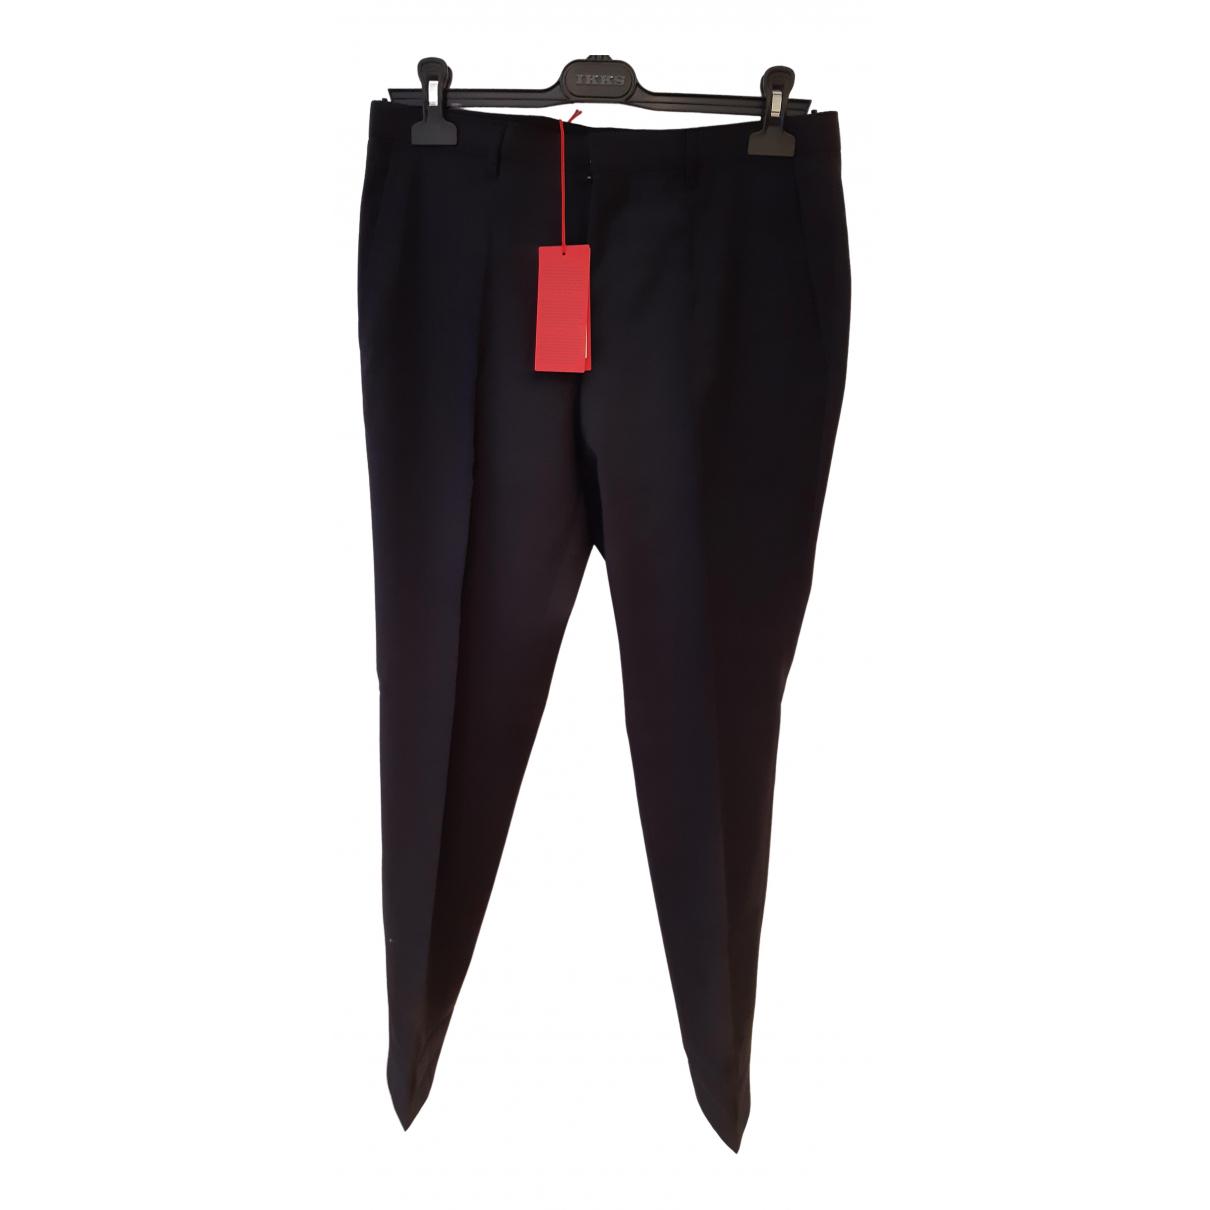 Hugo Boss - Pantalon   pour homme en laine - gris